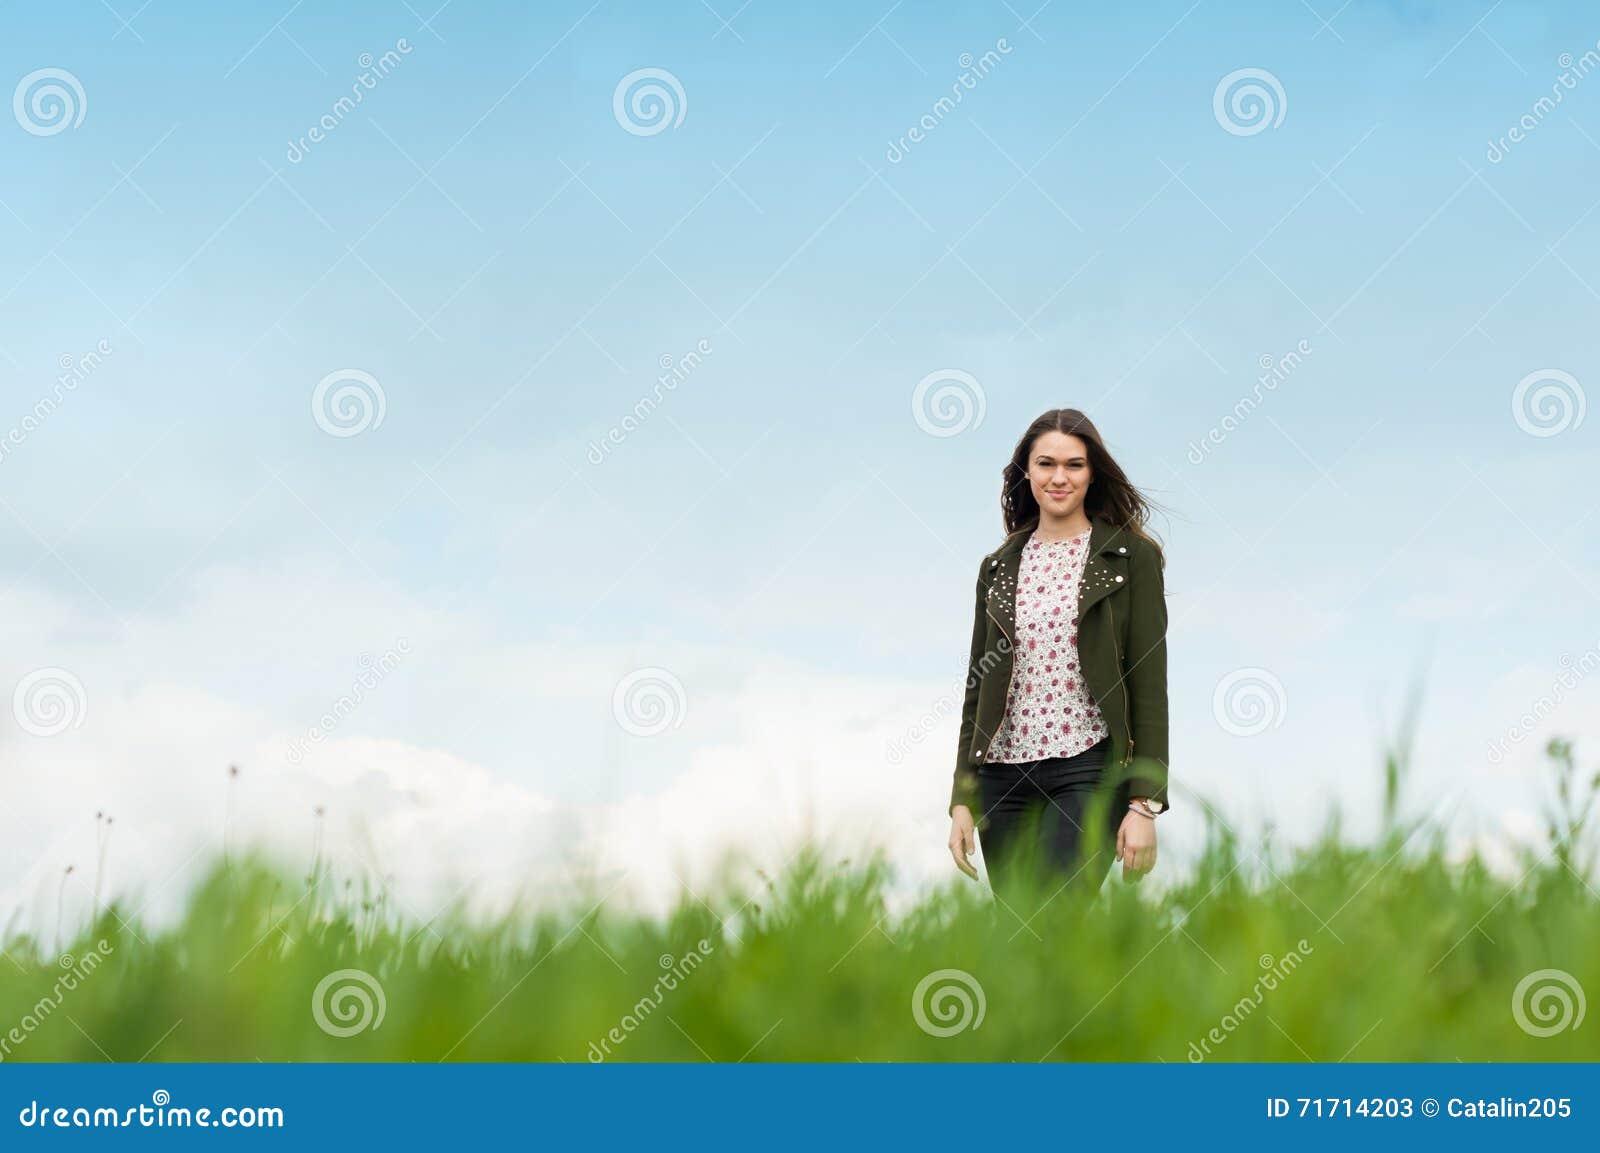 Снаружи жизнерадостной молодой женщины стоящее на зеленом луге